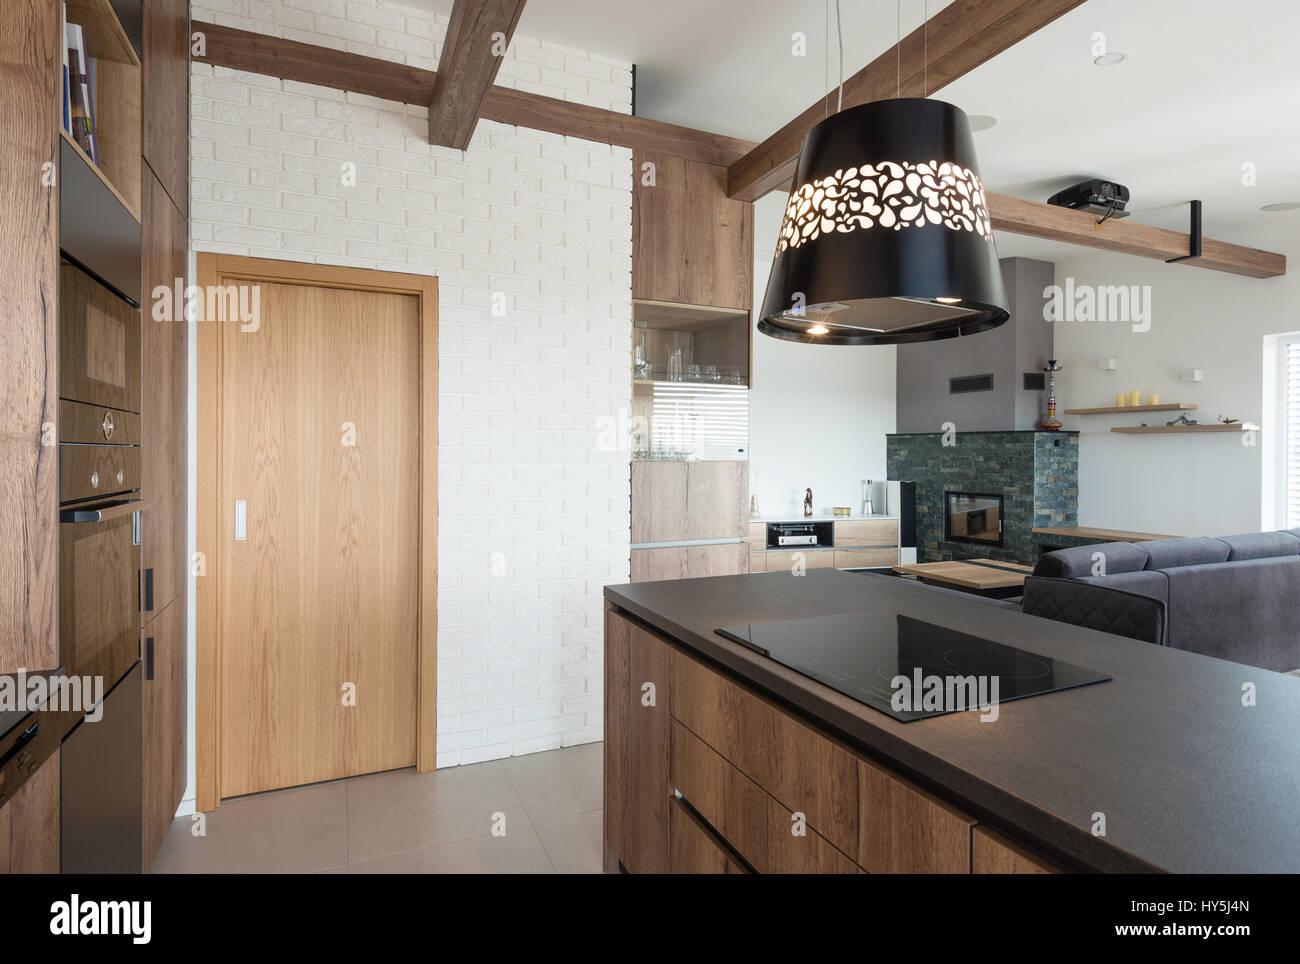 Intérieur de maison moderne - grand espace ouvert avec salon cuisine ...